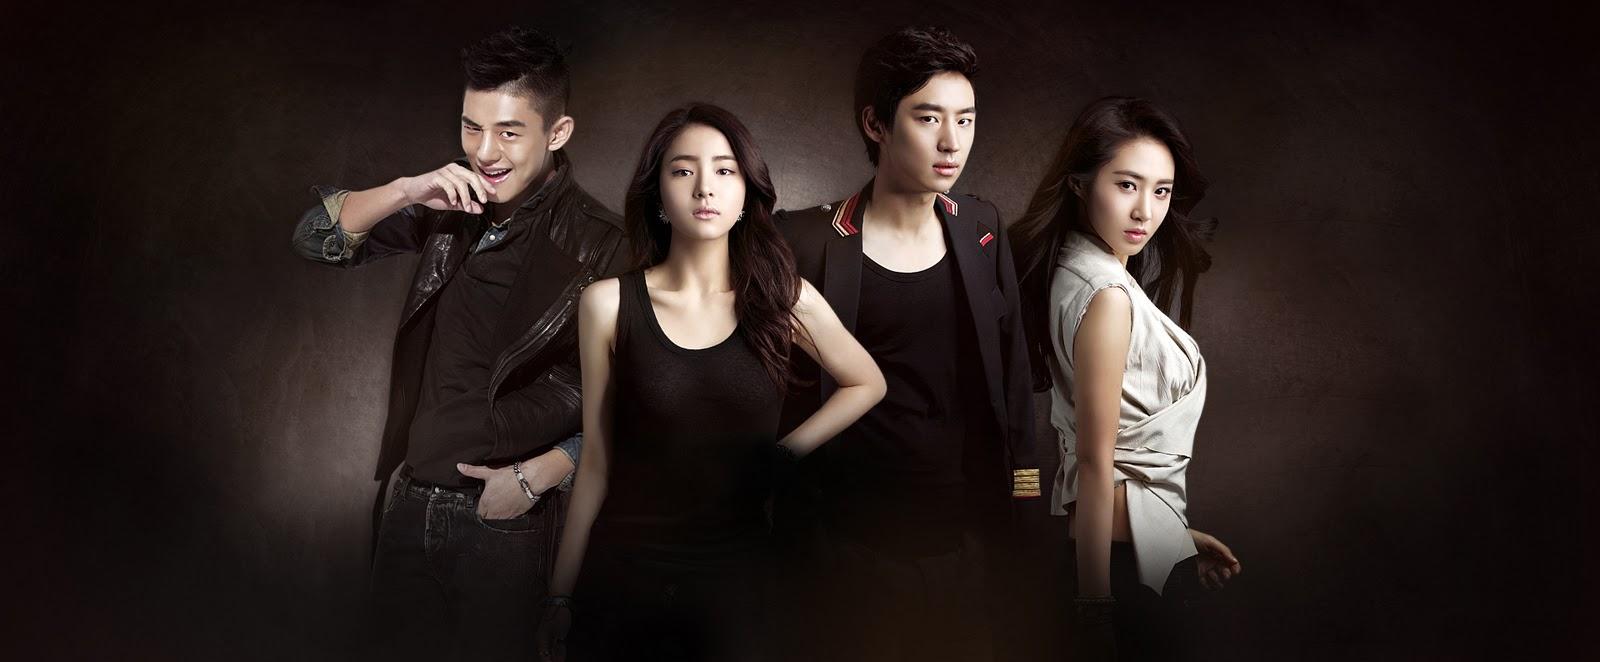 drama lovers, kembali menyapa dengan informasi drama korea favoritnya